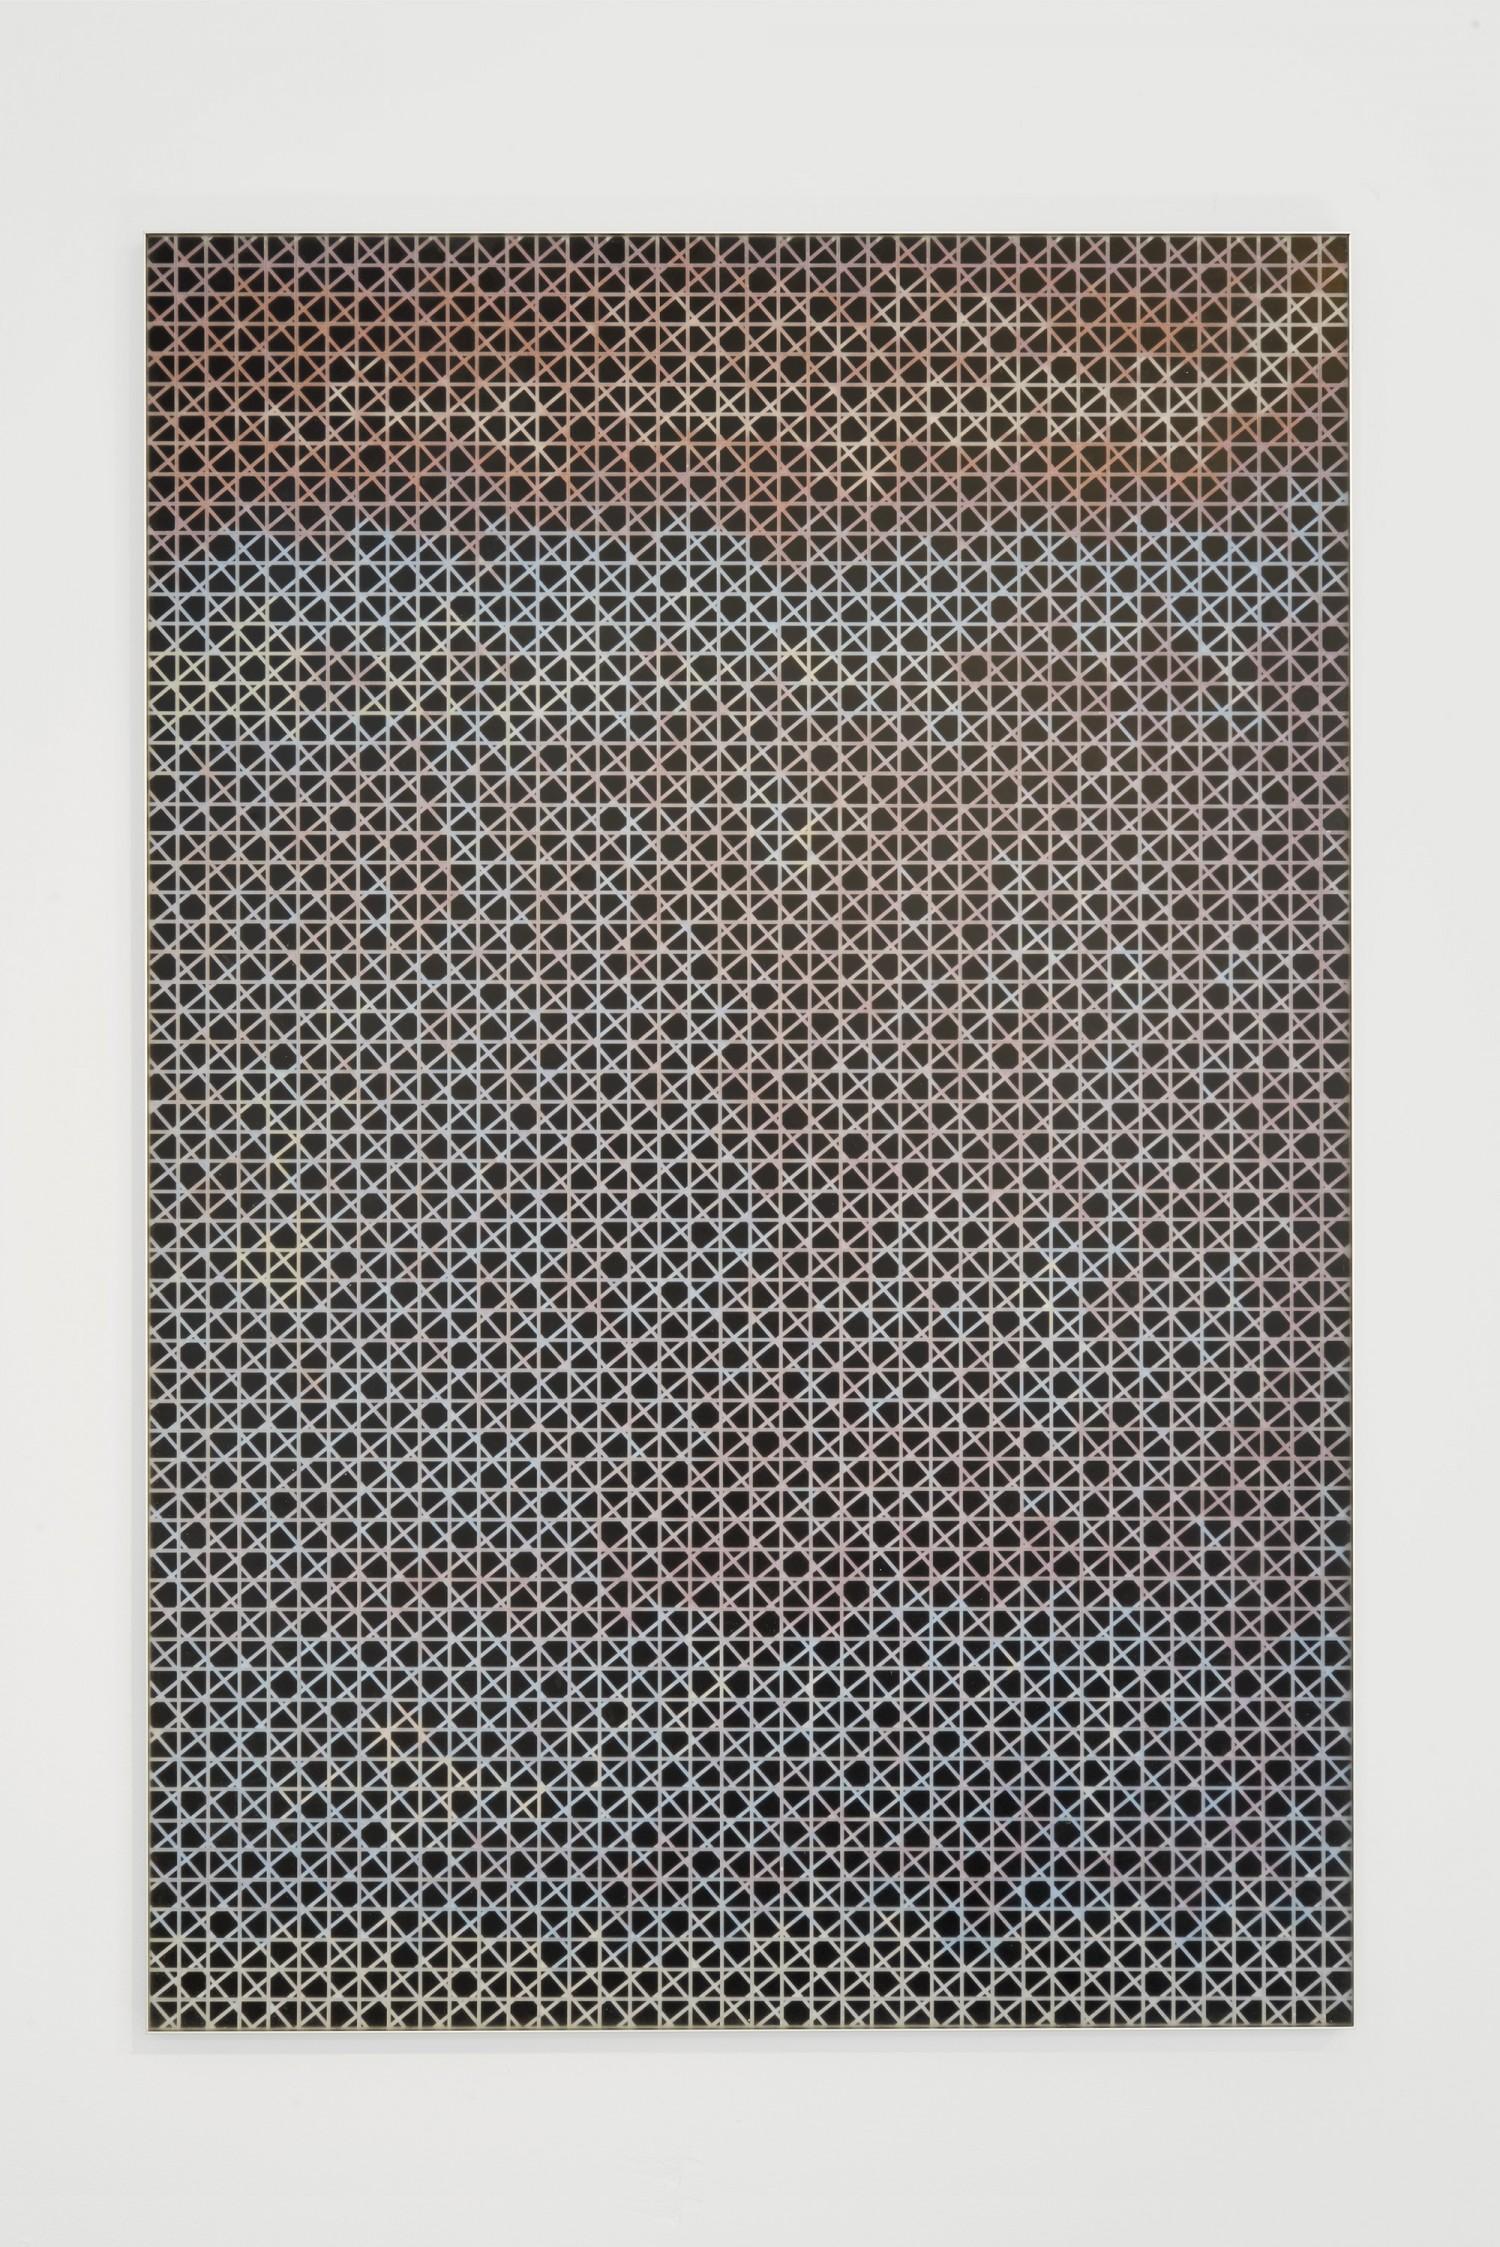 Tools , 2015, plexiglas, inchiostro, 120 x 80 cm